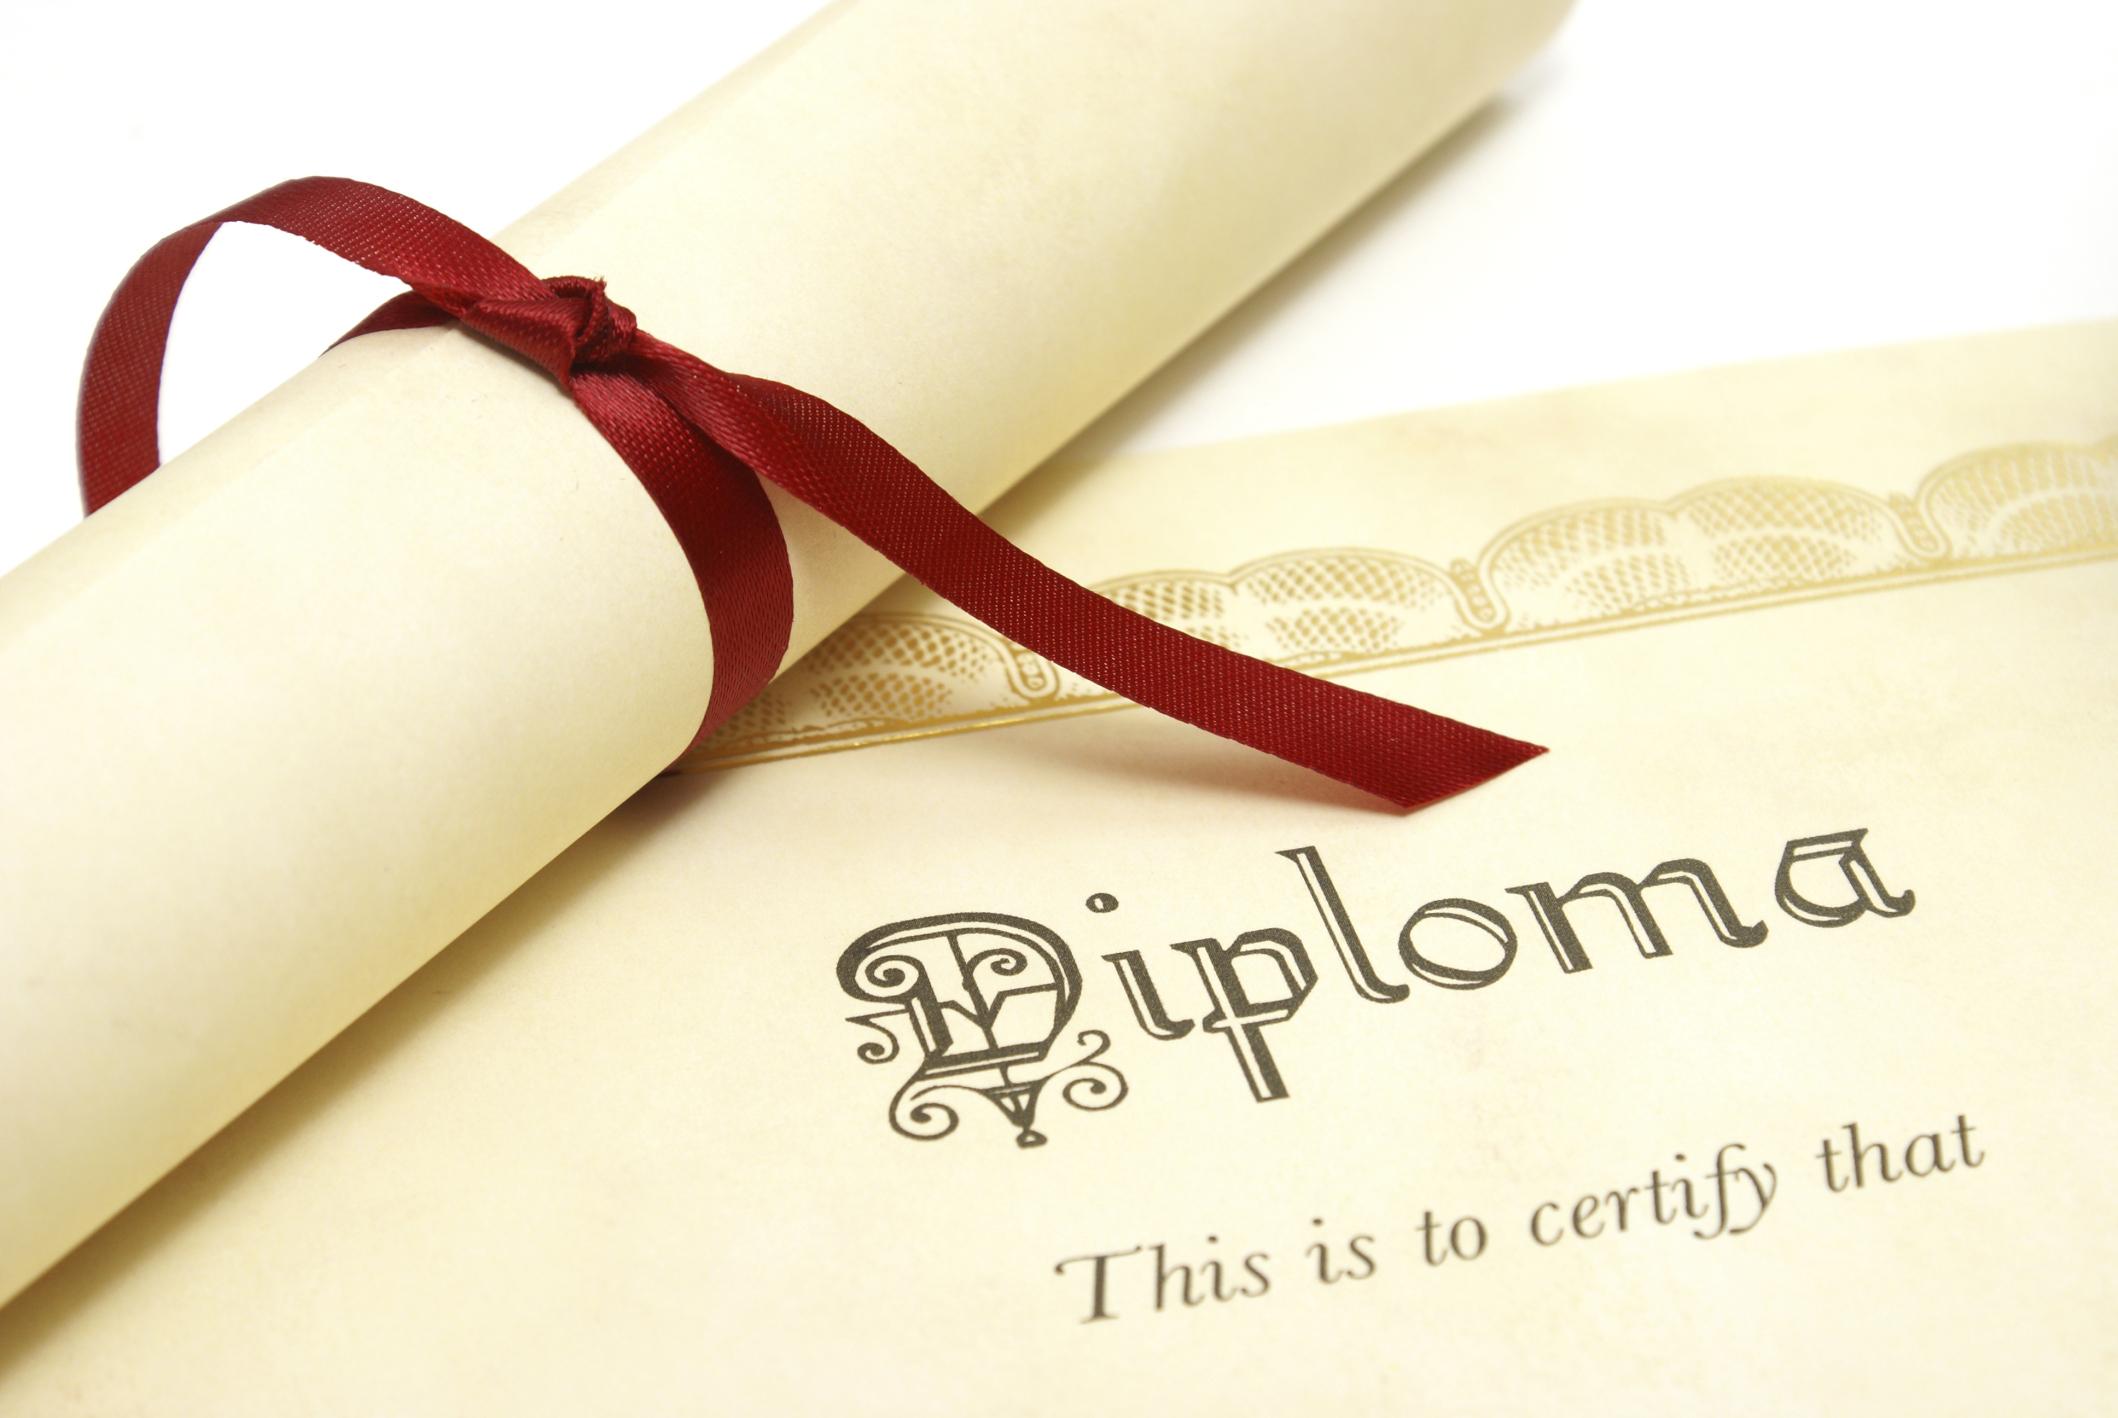 Avviso rilascio diploma di maturità